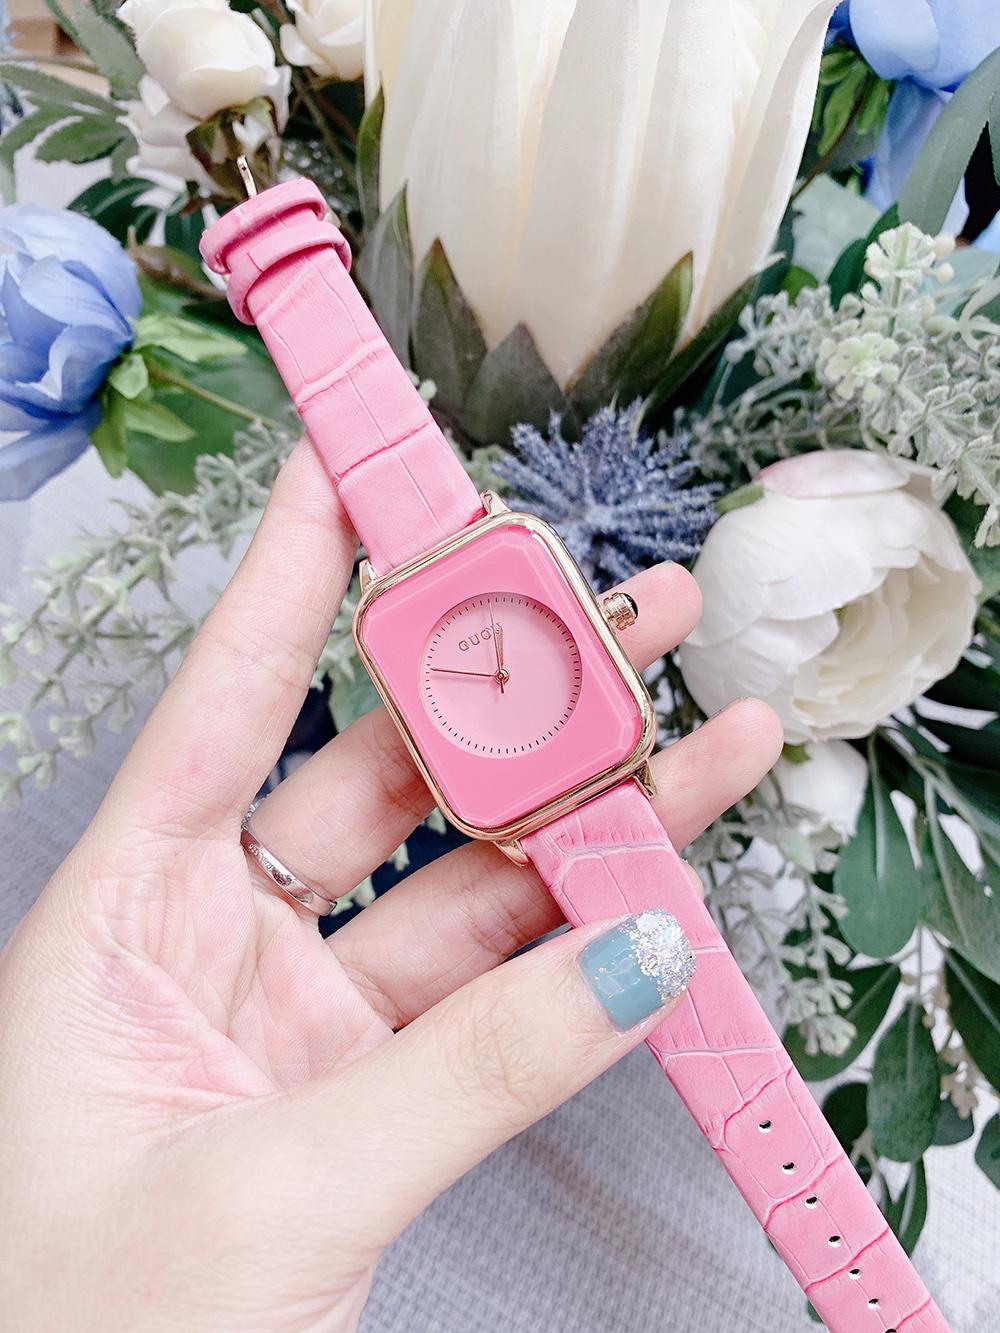 Đồng hồ Nữ GUOU Dây Mềm Mại đeo rất êm tay, Chống Nước Tốt, Bảo Hành Máy 12 Tháng Toàn Quốc 2